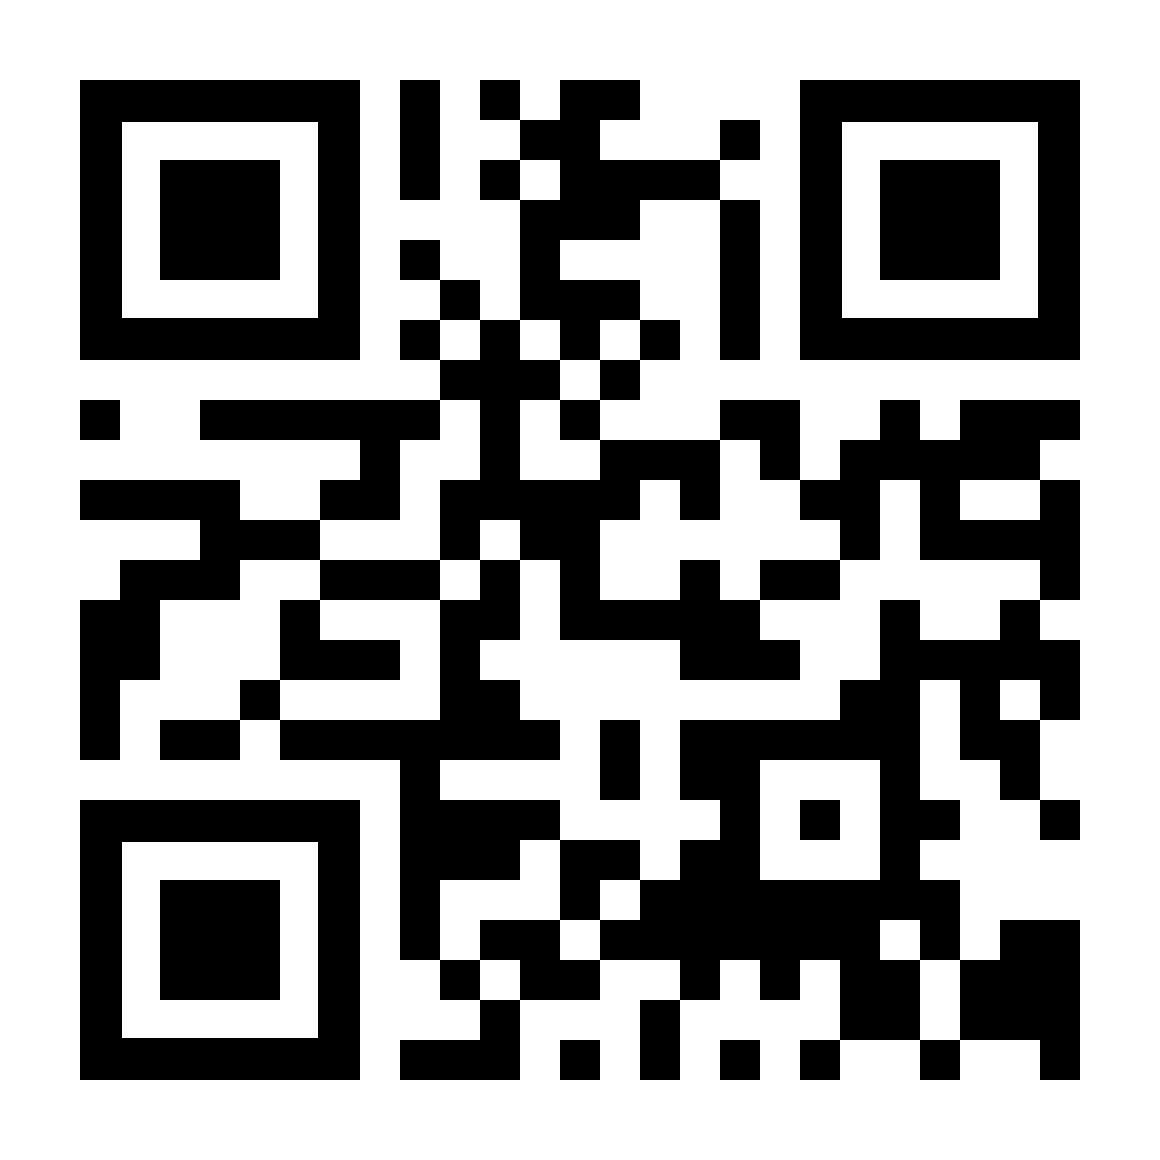 شرح بالتفصيل ما هو الباركود Barcode و QR Code وما هي إستخداماته و فوائده ؟